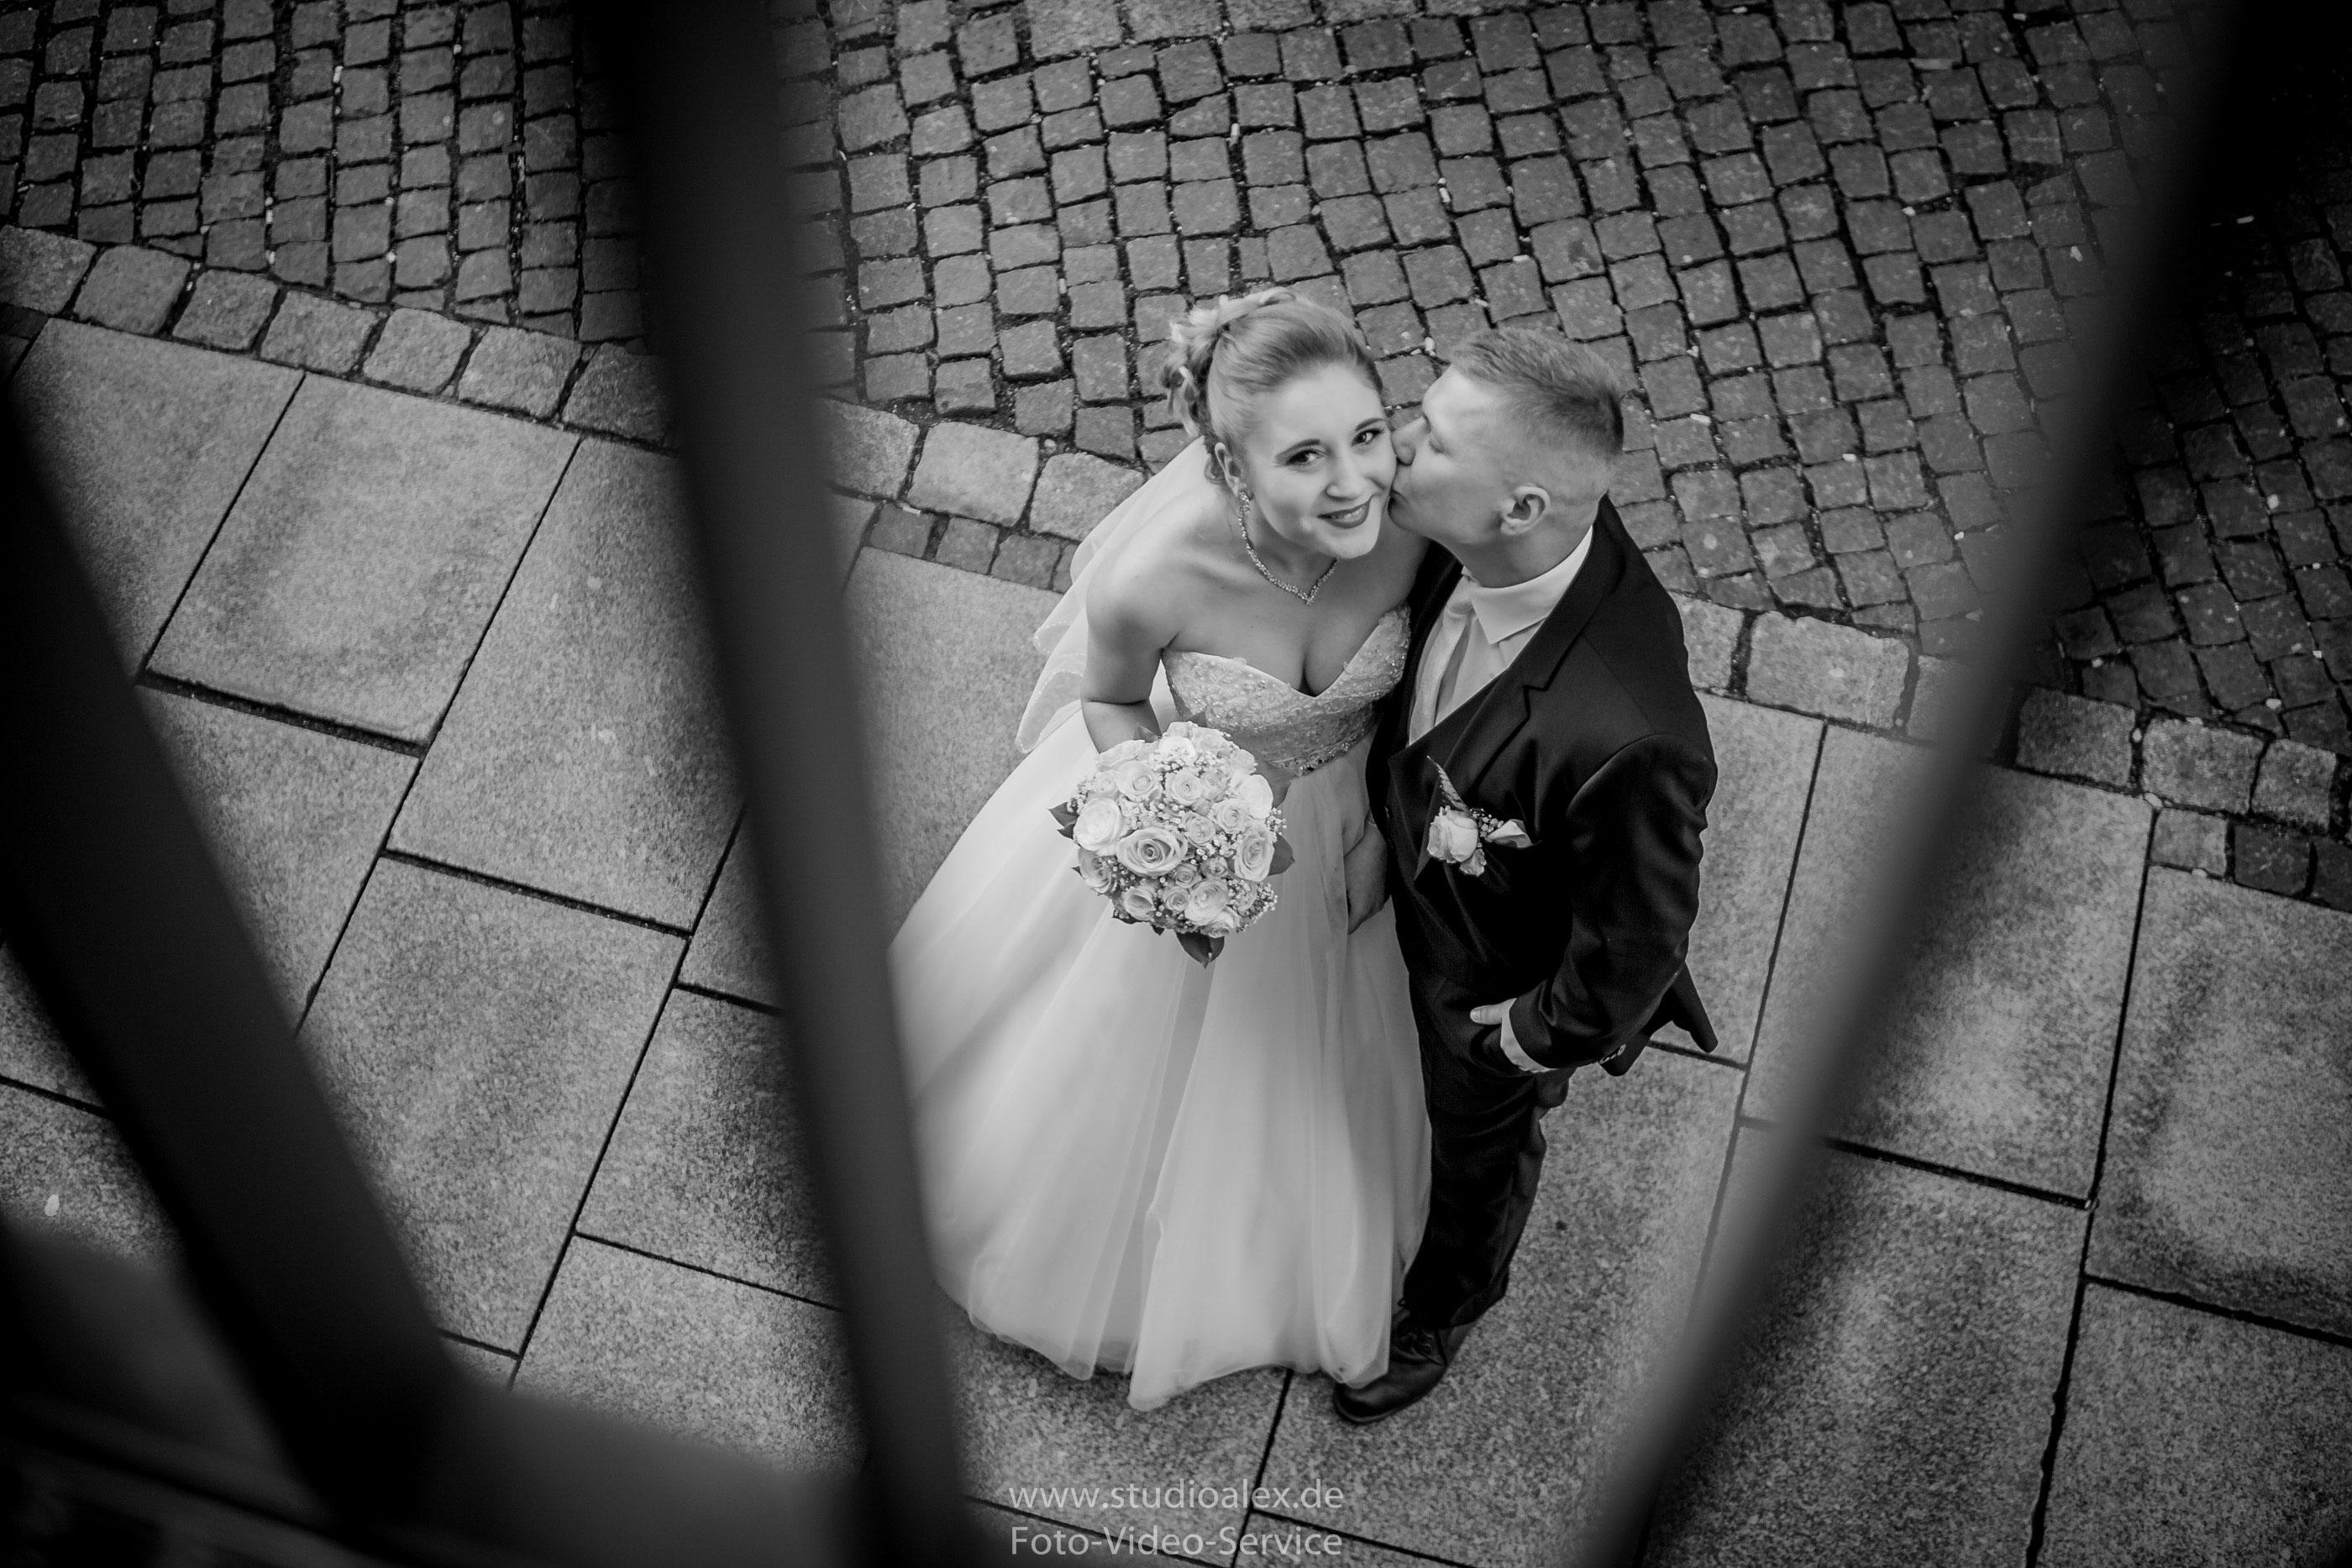 Hochzeitsfotografie in SulzbachRosenberg Coole Fotos